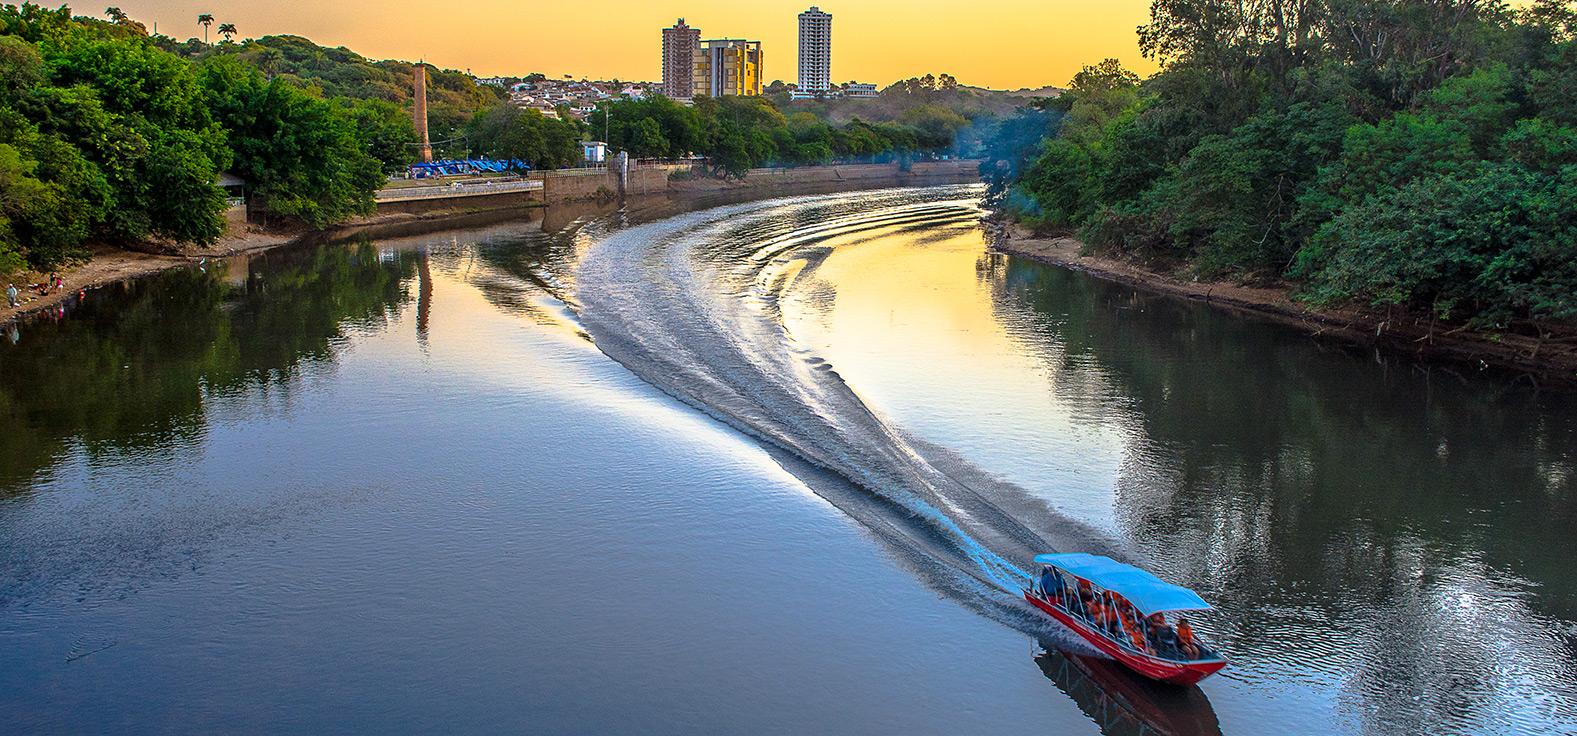 Passeio de barco em Piracicaba | Portal Serra do Itaquerí